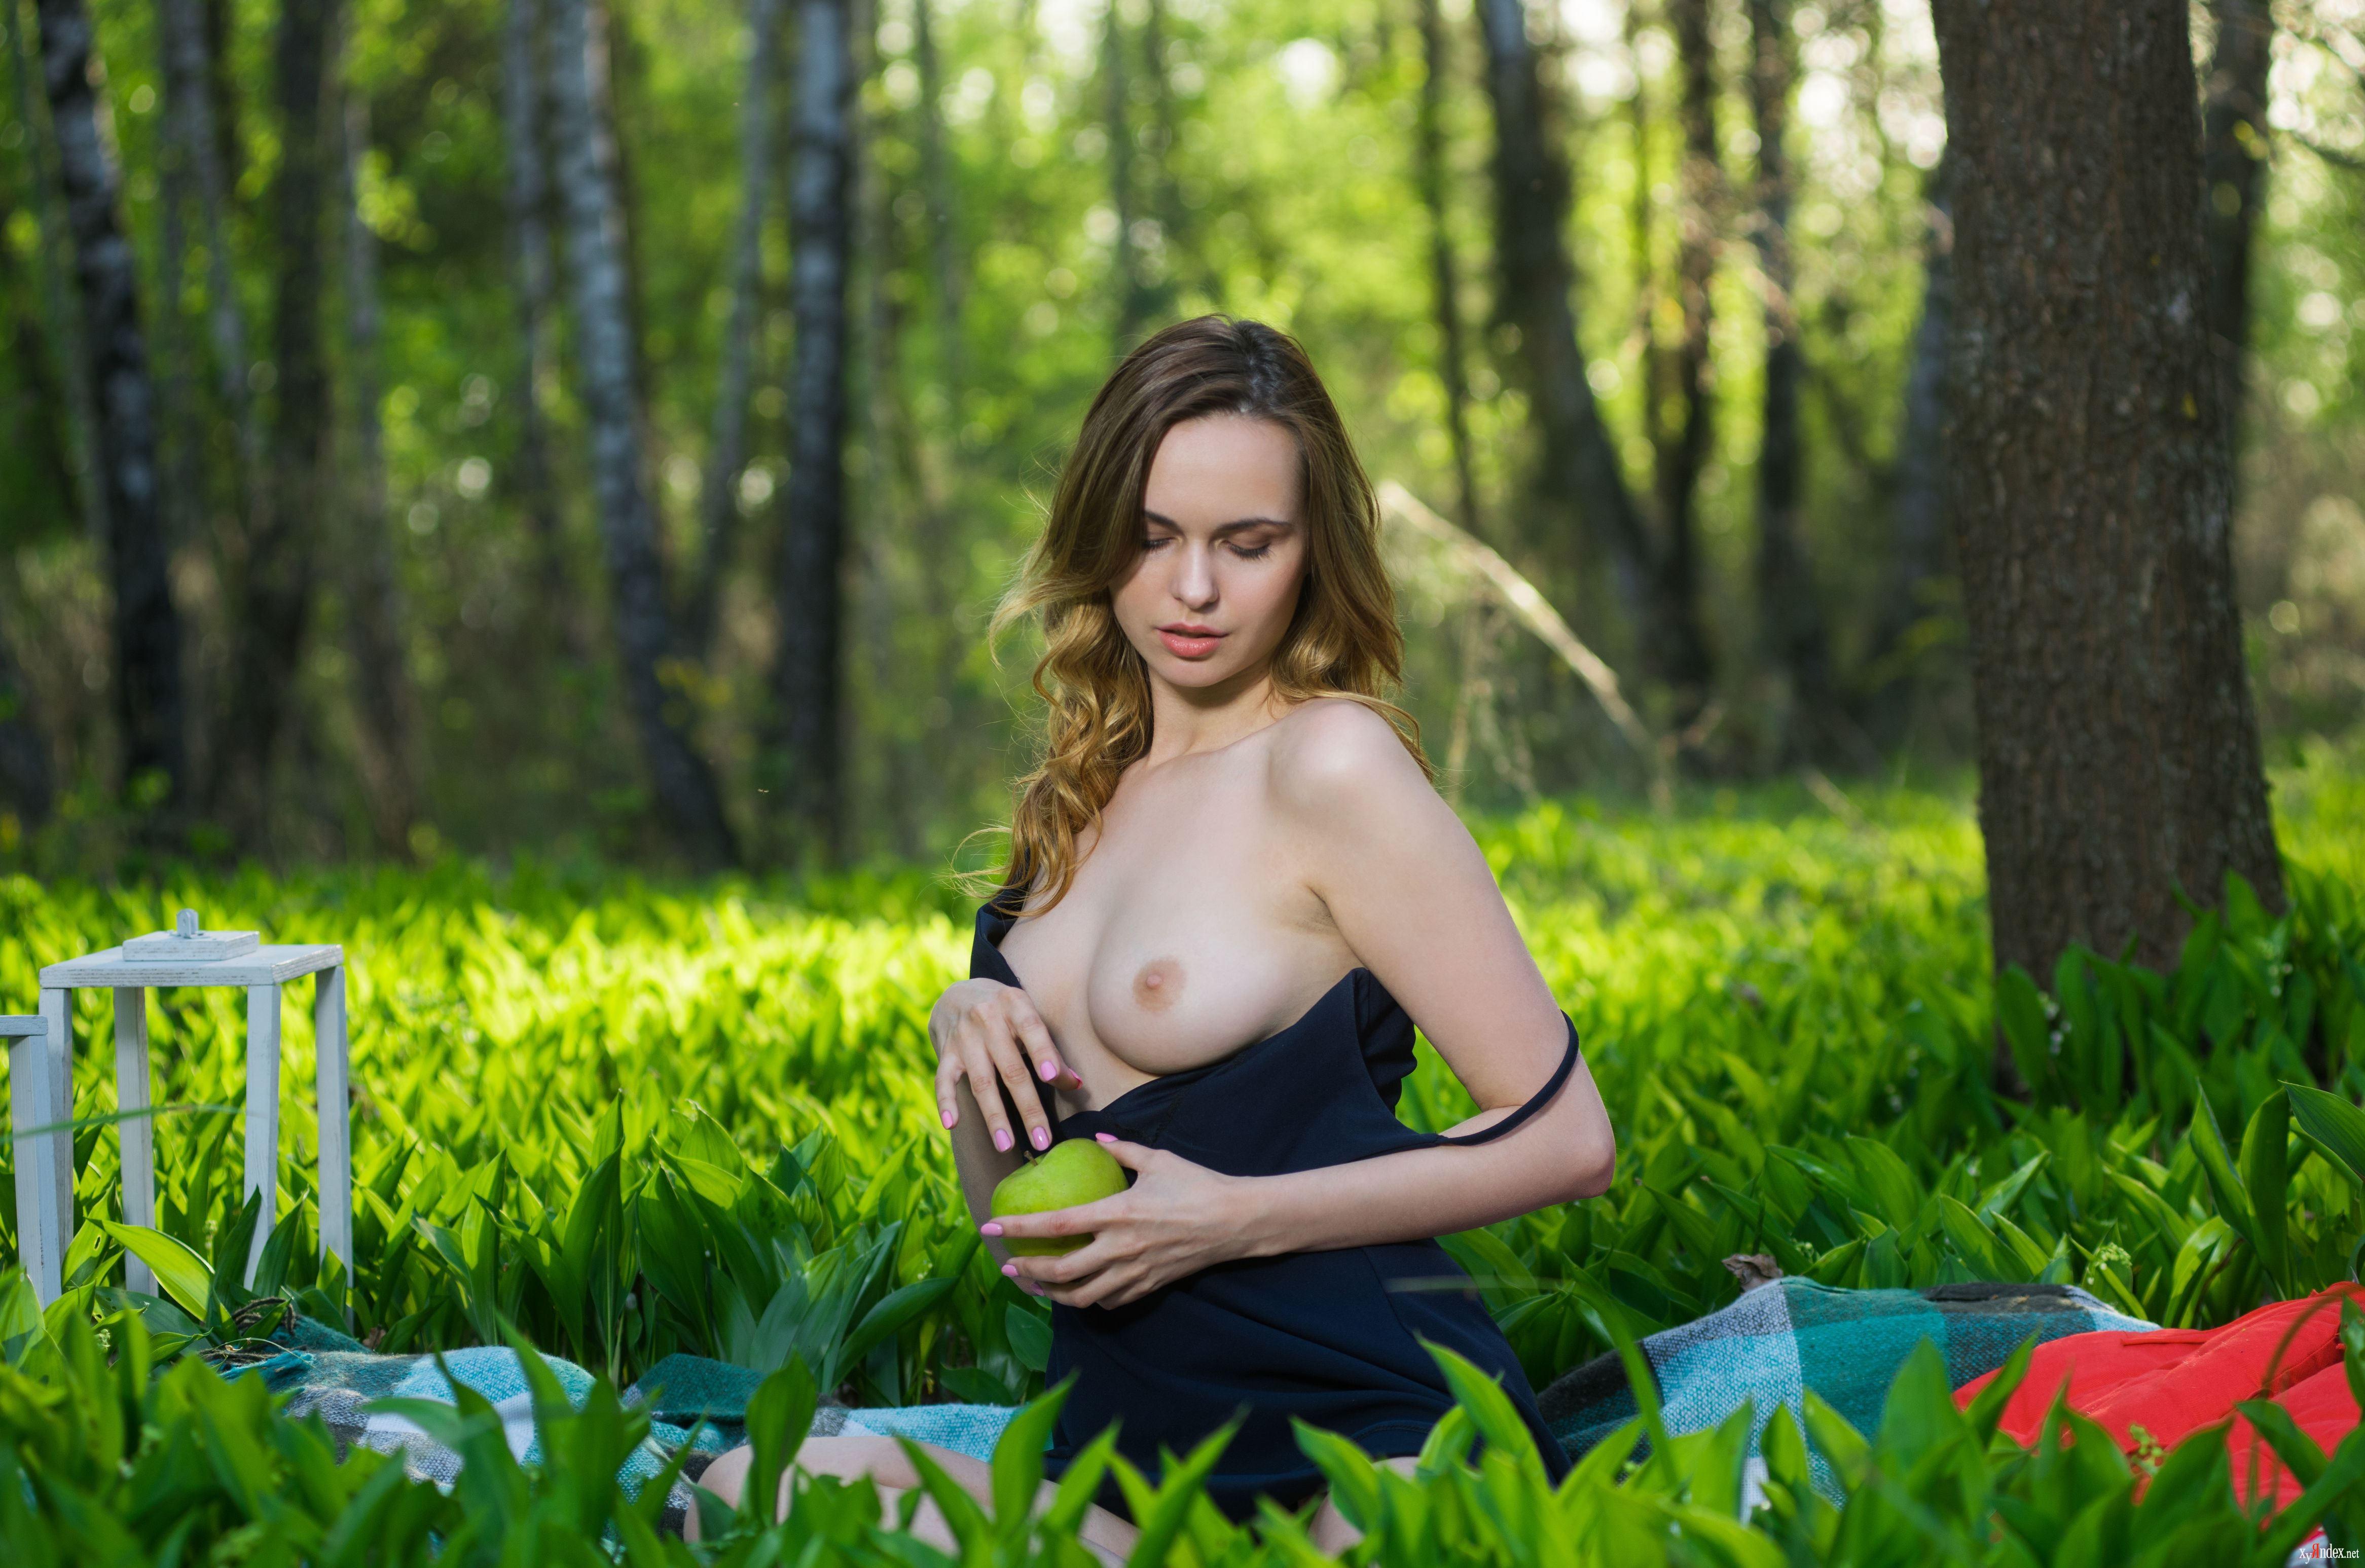 fairytale-nudes